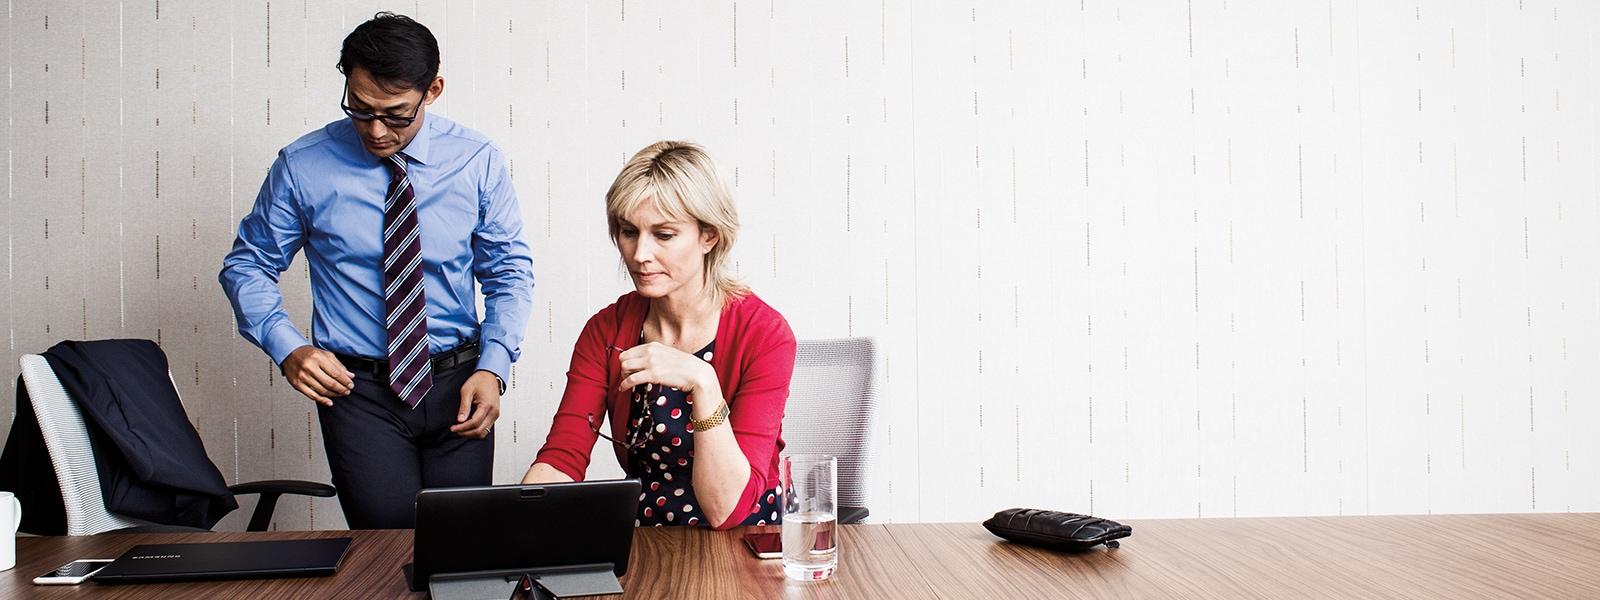 Business man and women talking with two pc's on a desk in an office. | Homme et femmes d'affaires qui discutent et deux PC sur un bureau dans un local.